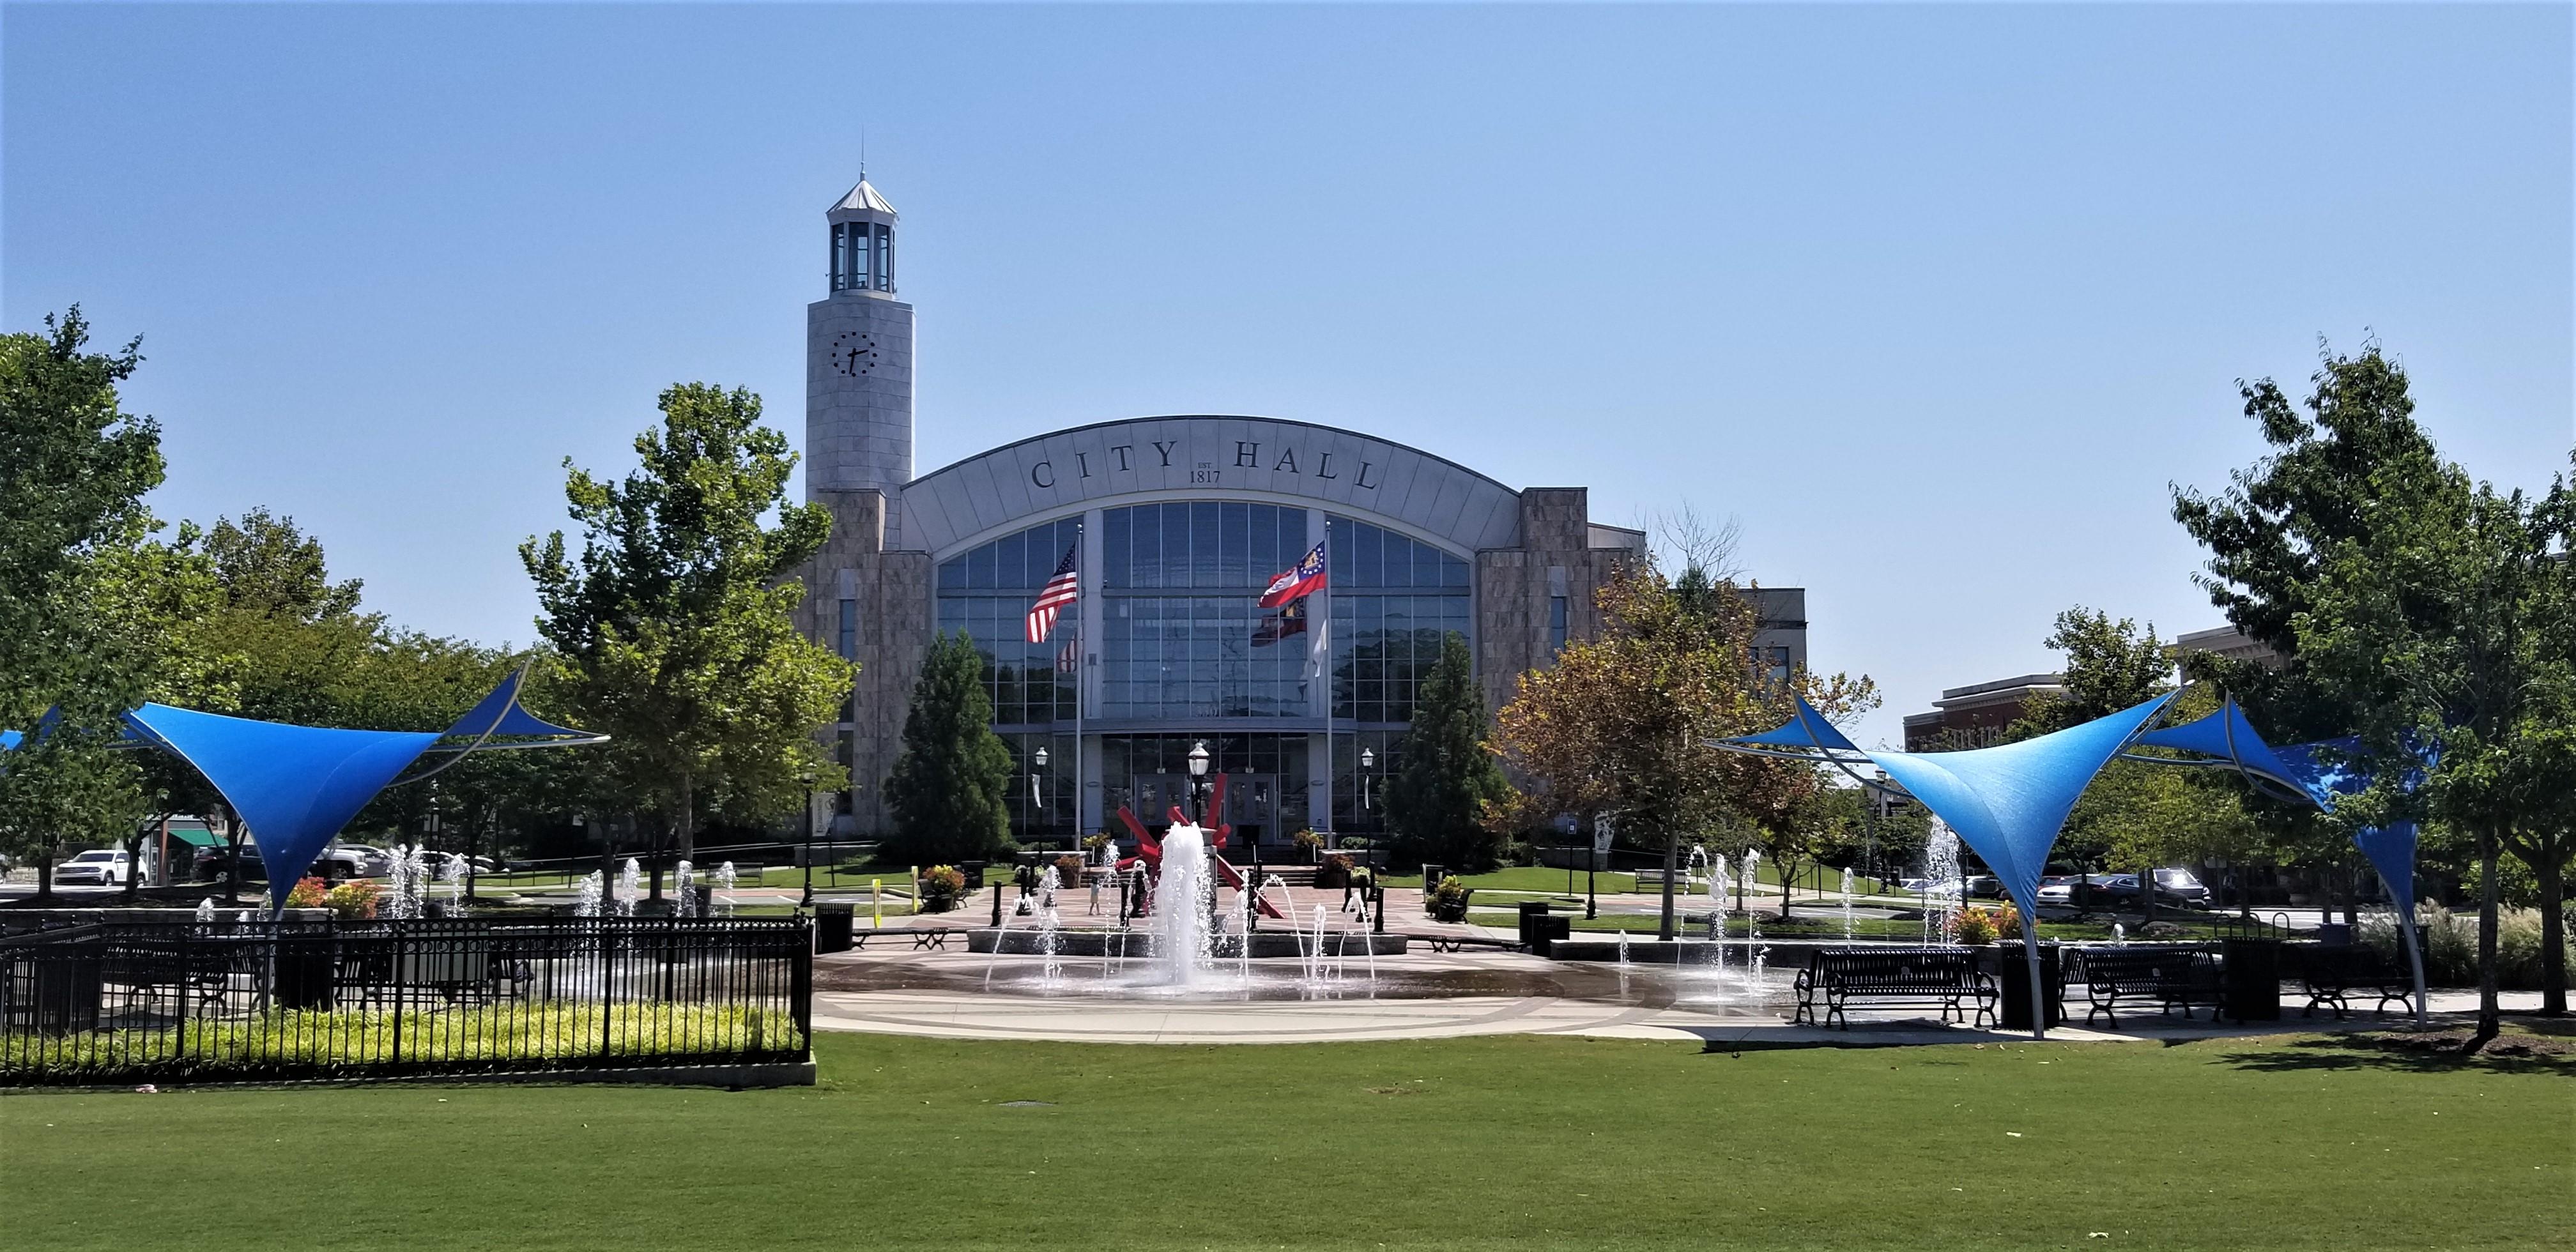 Suwanee City Hall